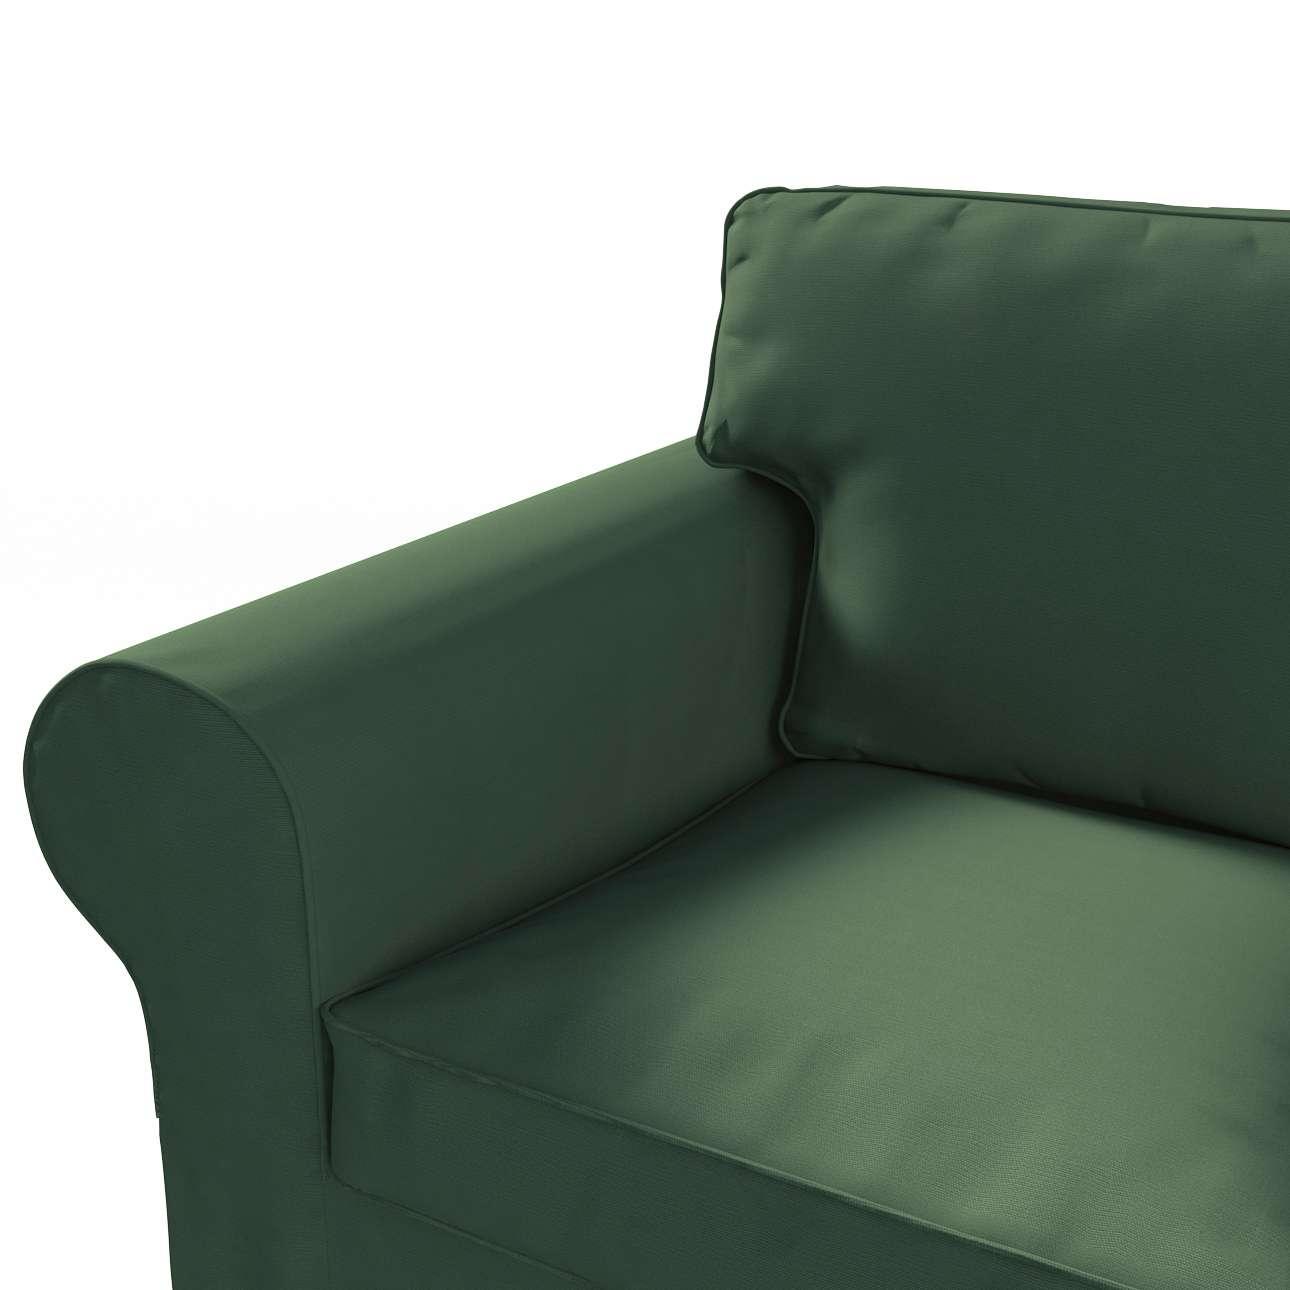 Ektorp trivietės sofos-lovos užvalkalas Ektorp trivietė sofa-lova kolekcijoje Cotton Panama, audinys: 702-06